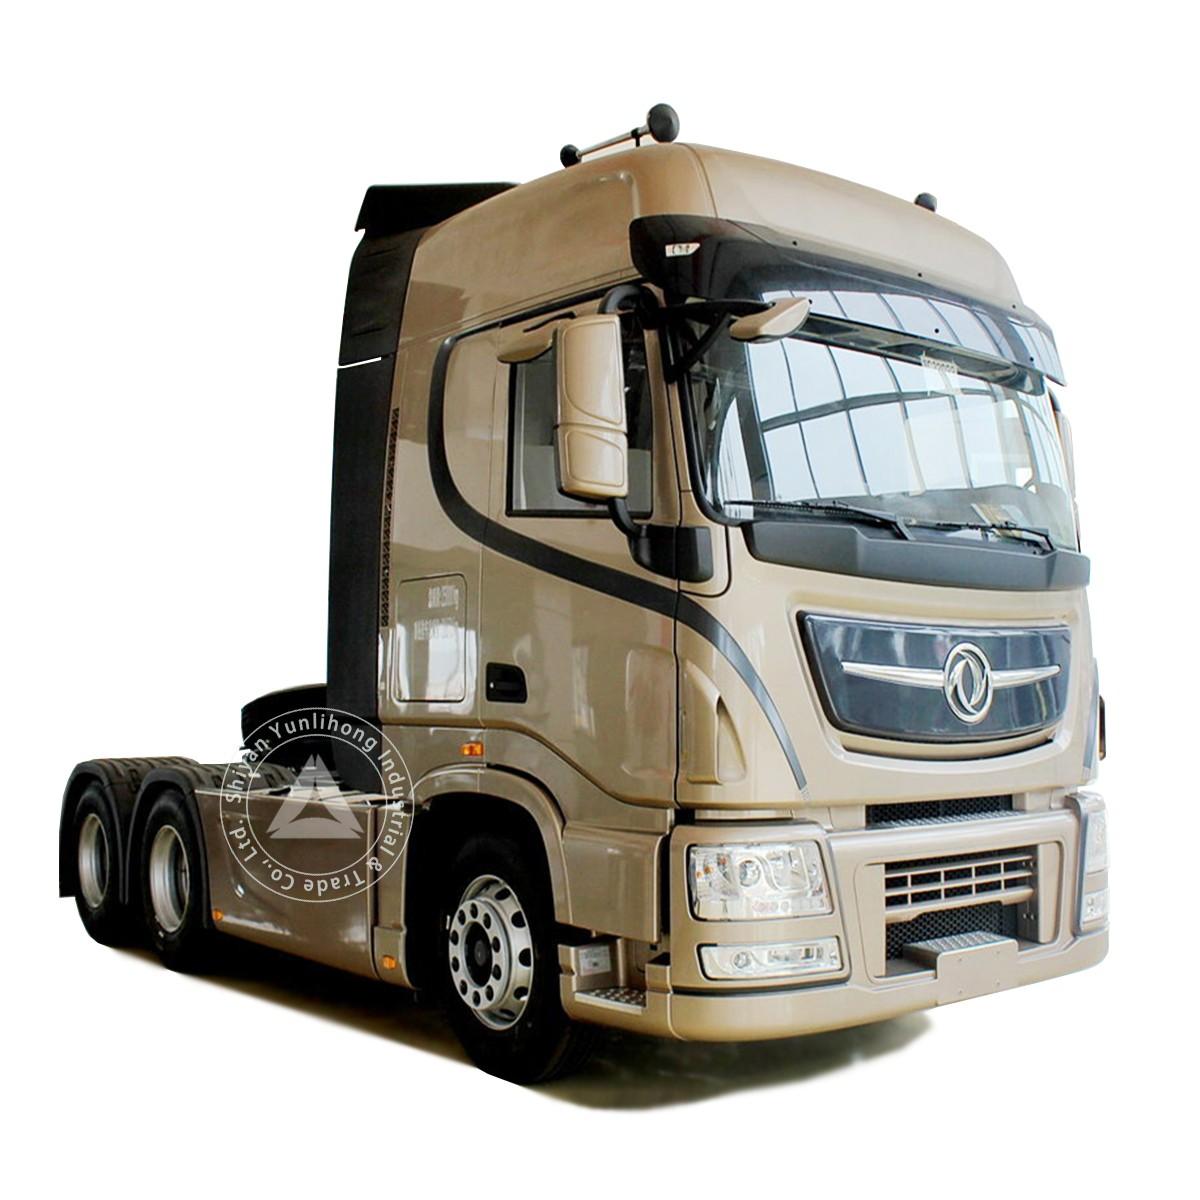 खरीदने के लिए डोंगफेंग KX 520hp 6x4 ट्रैक्टर ट्रक,डोंगफेंग KX 520hp 6x4 ट्रैक्टर ट्रक दाम,डोंगफेंग KX 520hp 6x4 ट्रैक्टर ट्रक ब्रांड,डोंगफेंग KX 520hp 6x4 ट्रैक्टर ट्रक मैन्युफैक्चरर्स,डोंगफेंग KX 520hp 6x4 ट्रैक्टर ट्रक उद्धृत मूल्य,डोंगफेंग KX 520hp 6x4 ट्रैक्टर ट्रक कंपनी,